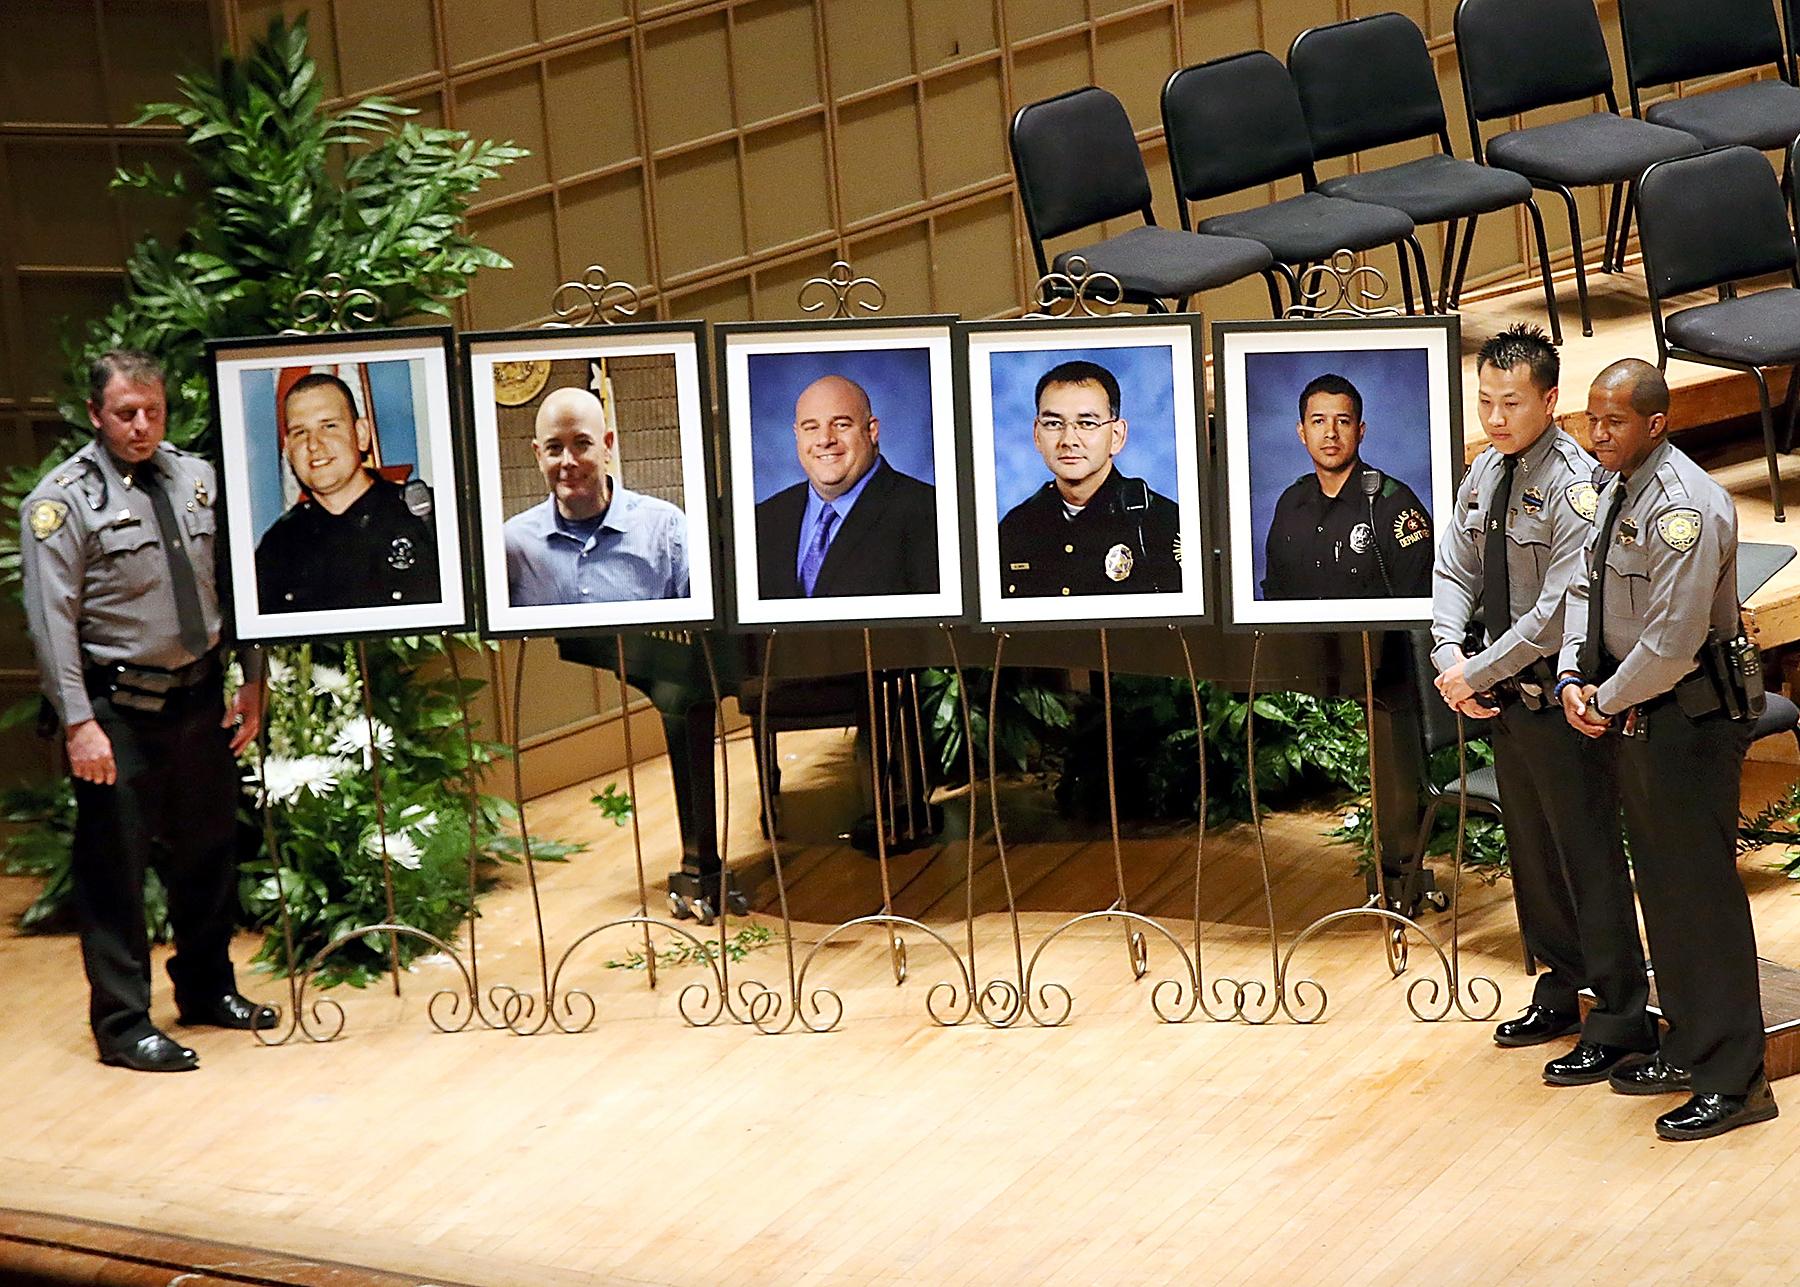 Dallas shooting memorial